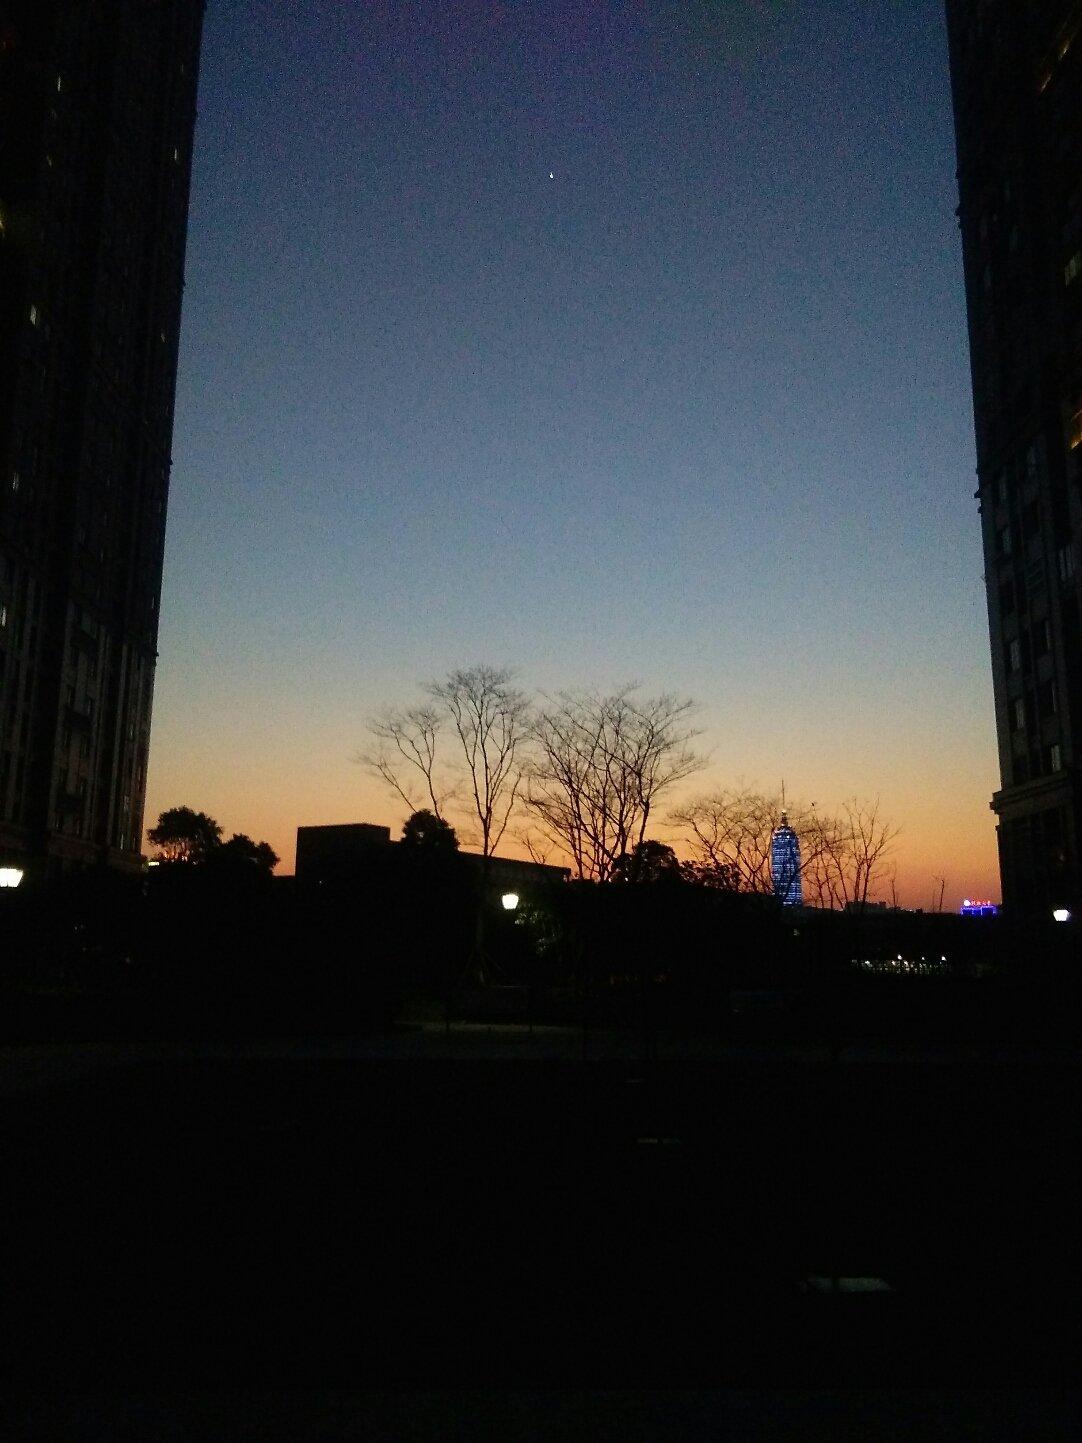 江苏省常州市新北区河海街道方家塘美林国际村天气预报图片